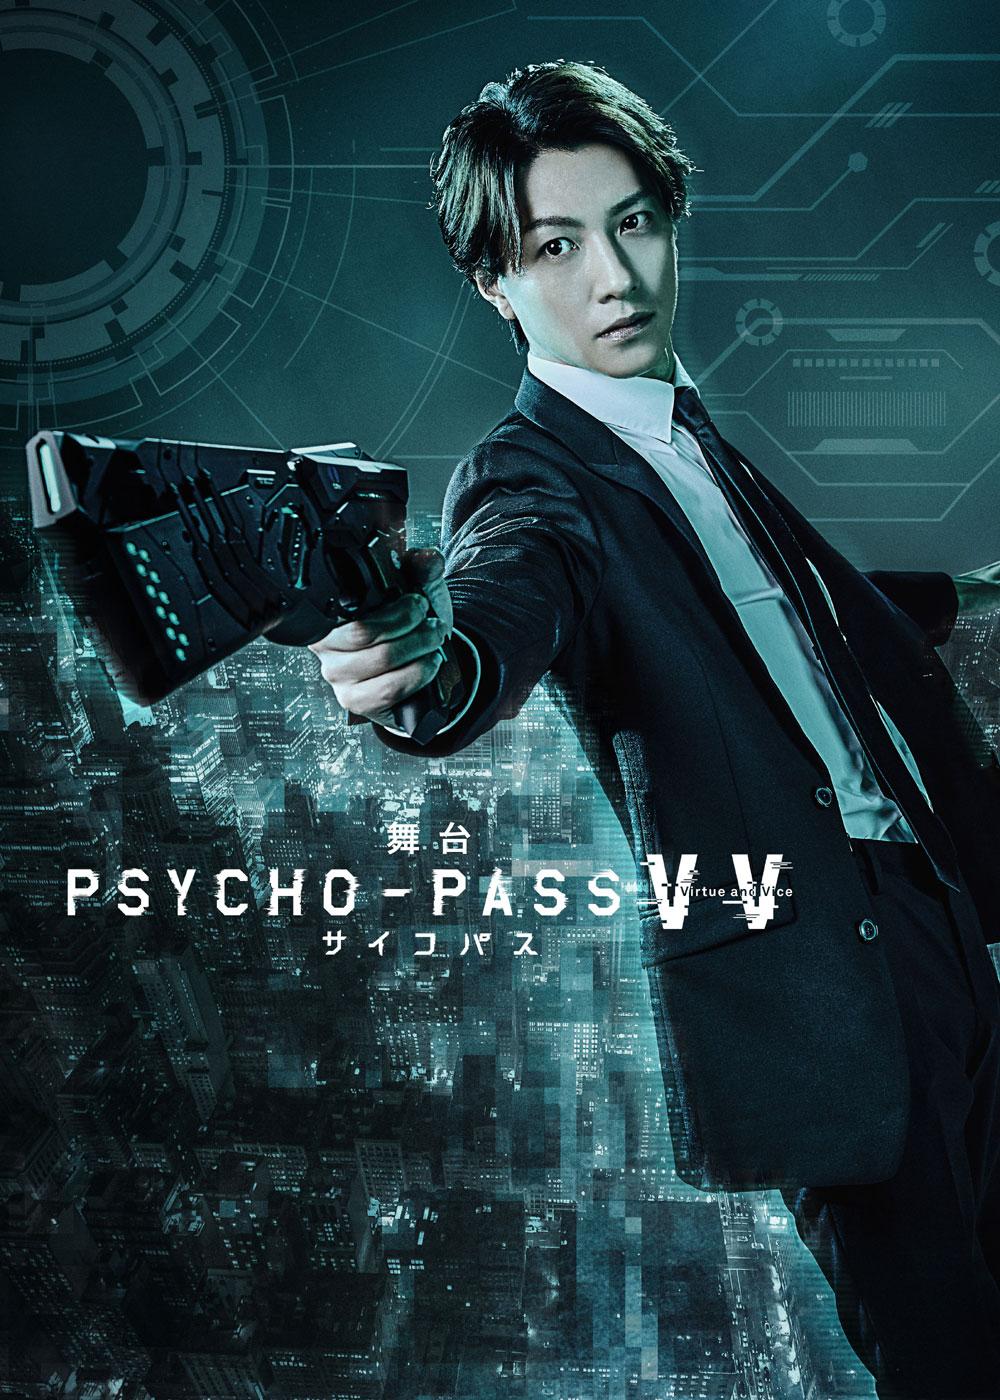 【会場予約限定特典付】「舞台 PSYCHO-PASS サイコパス Virtue and Vice」 Blu-ray